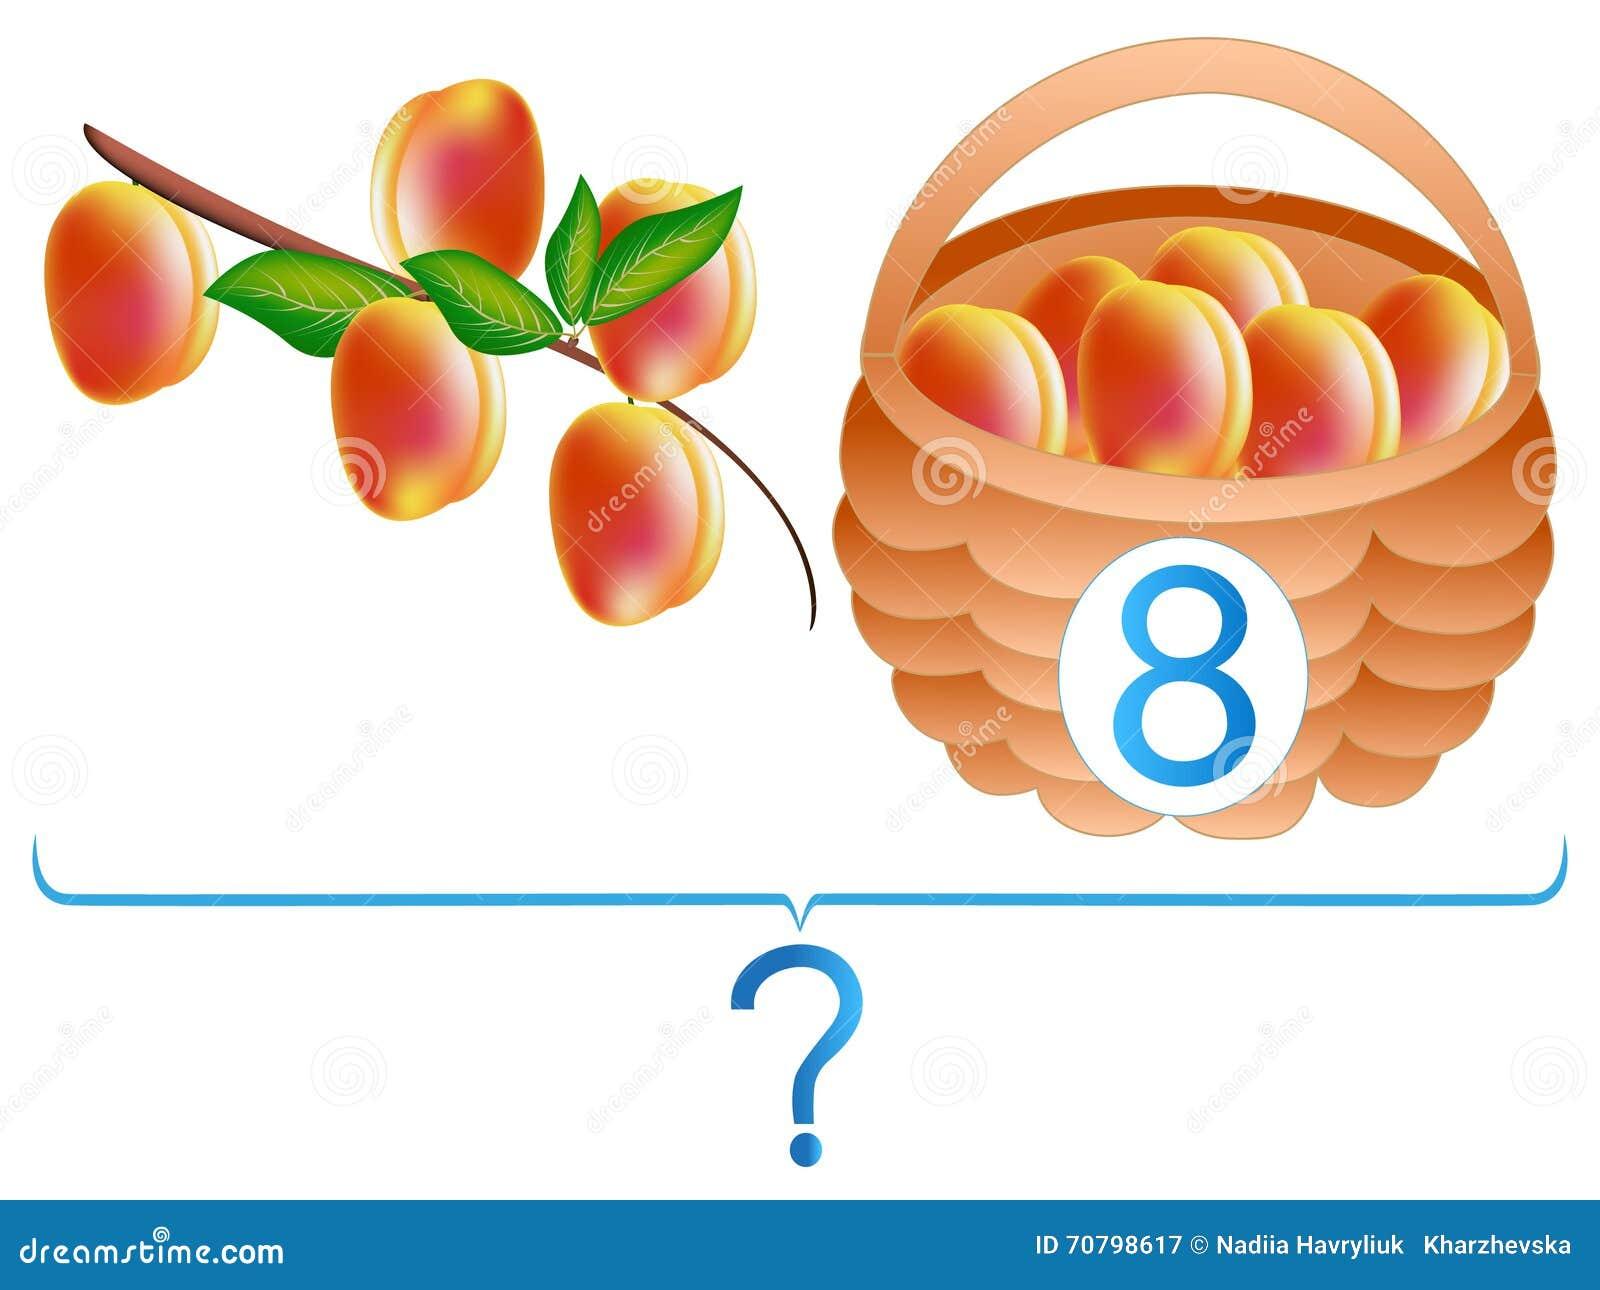 Edukacyjne gry dla dzieci, matematycznie dodatek, przykład z brzoskwiniami